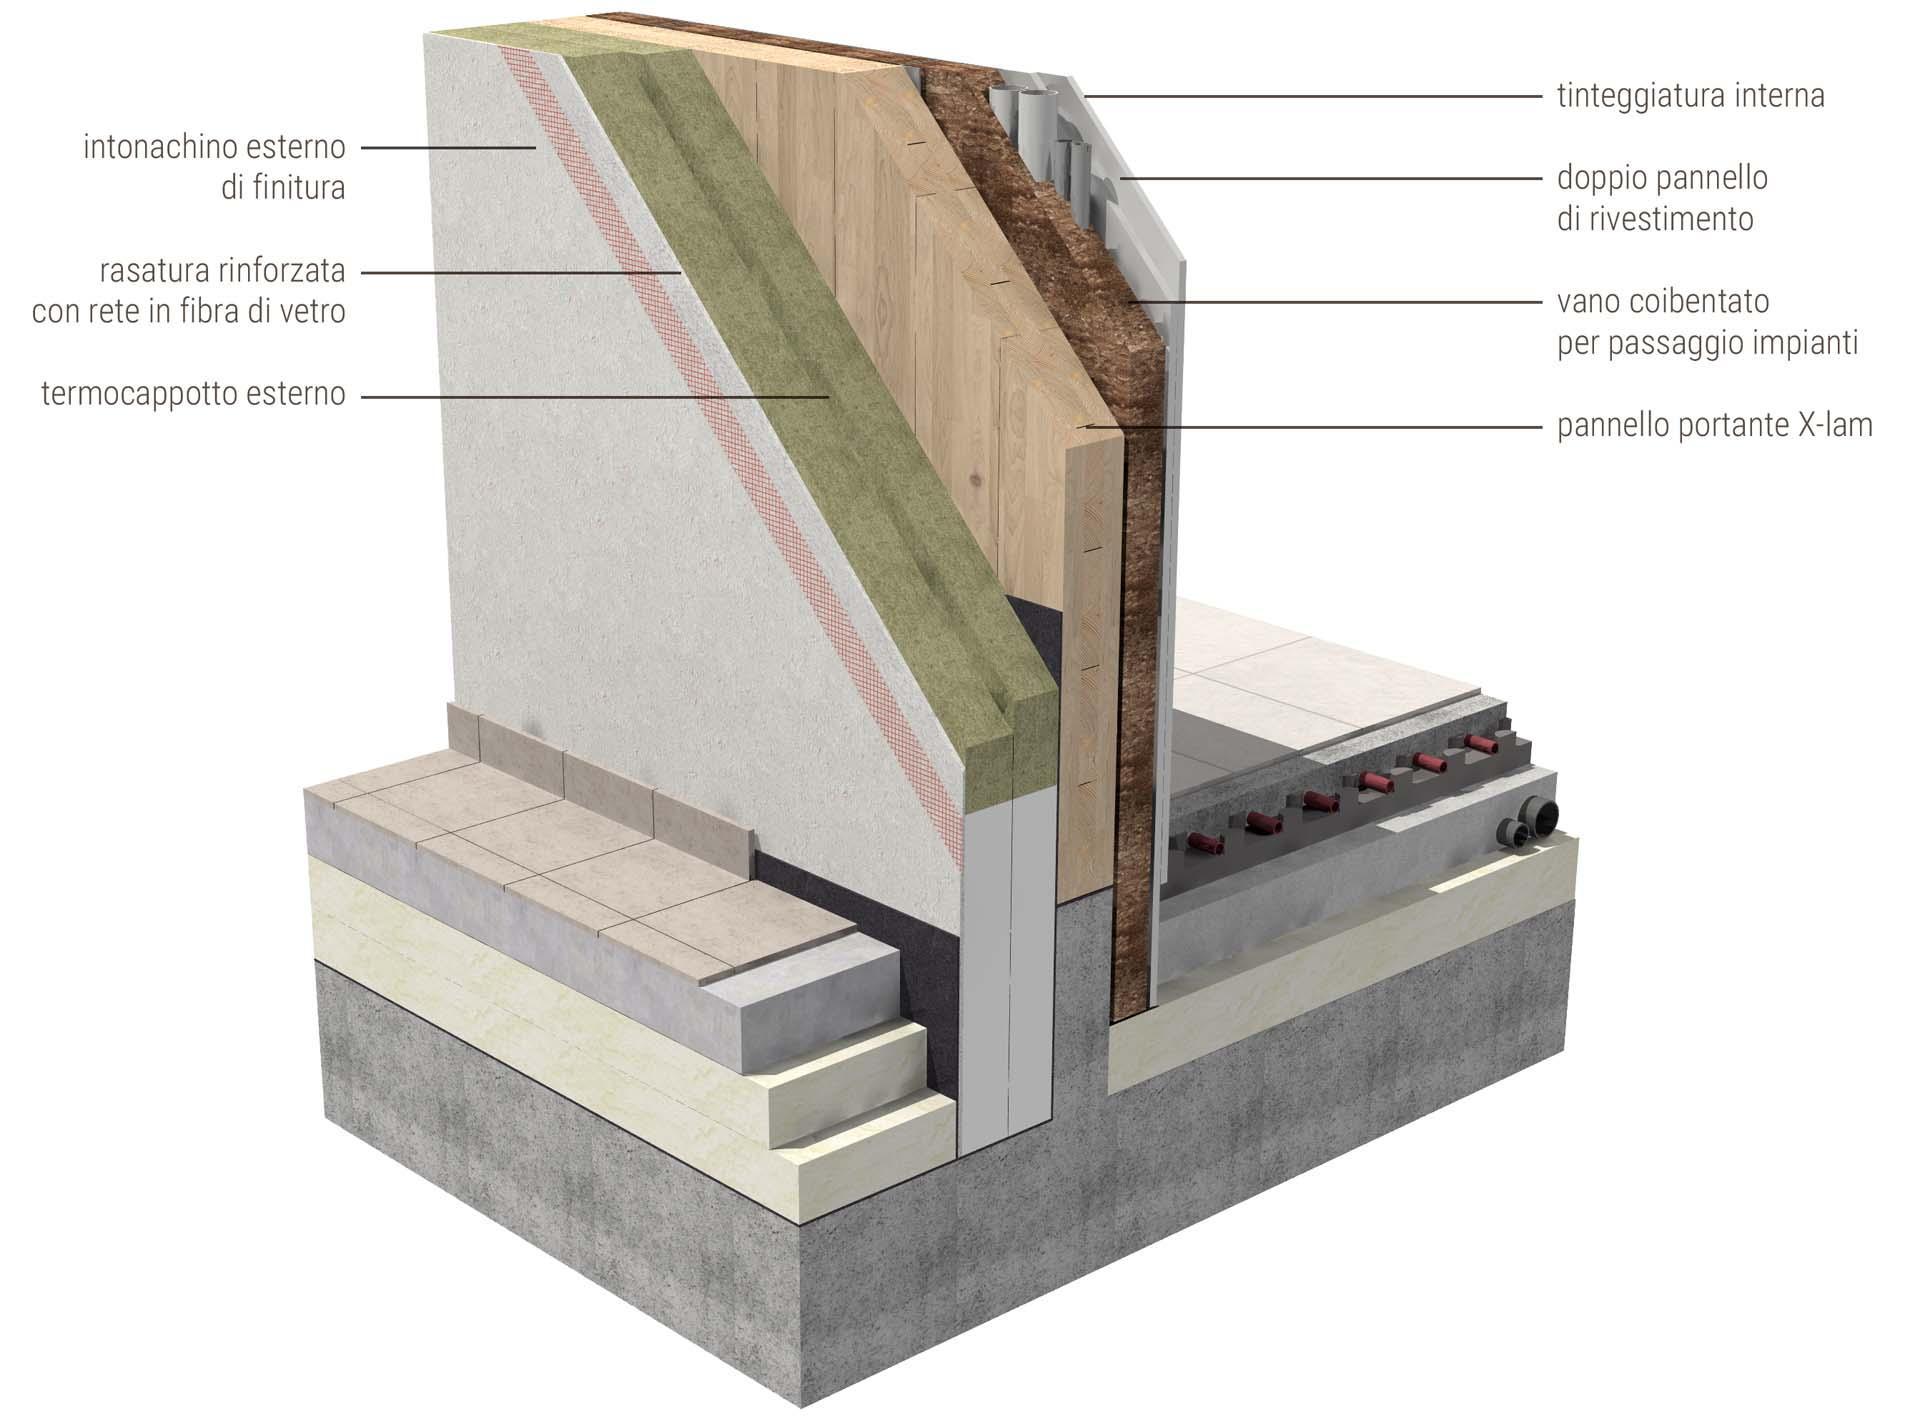 ILLE XLAM sistema costruttivo edifici in legno a pannello in lamellare